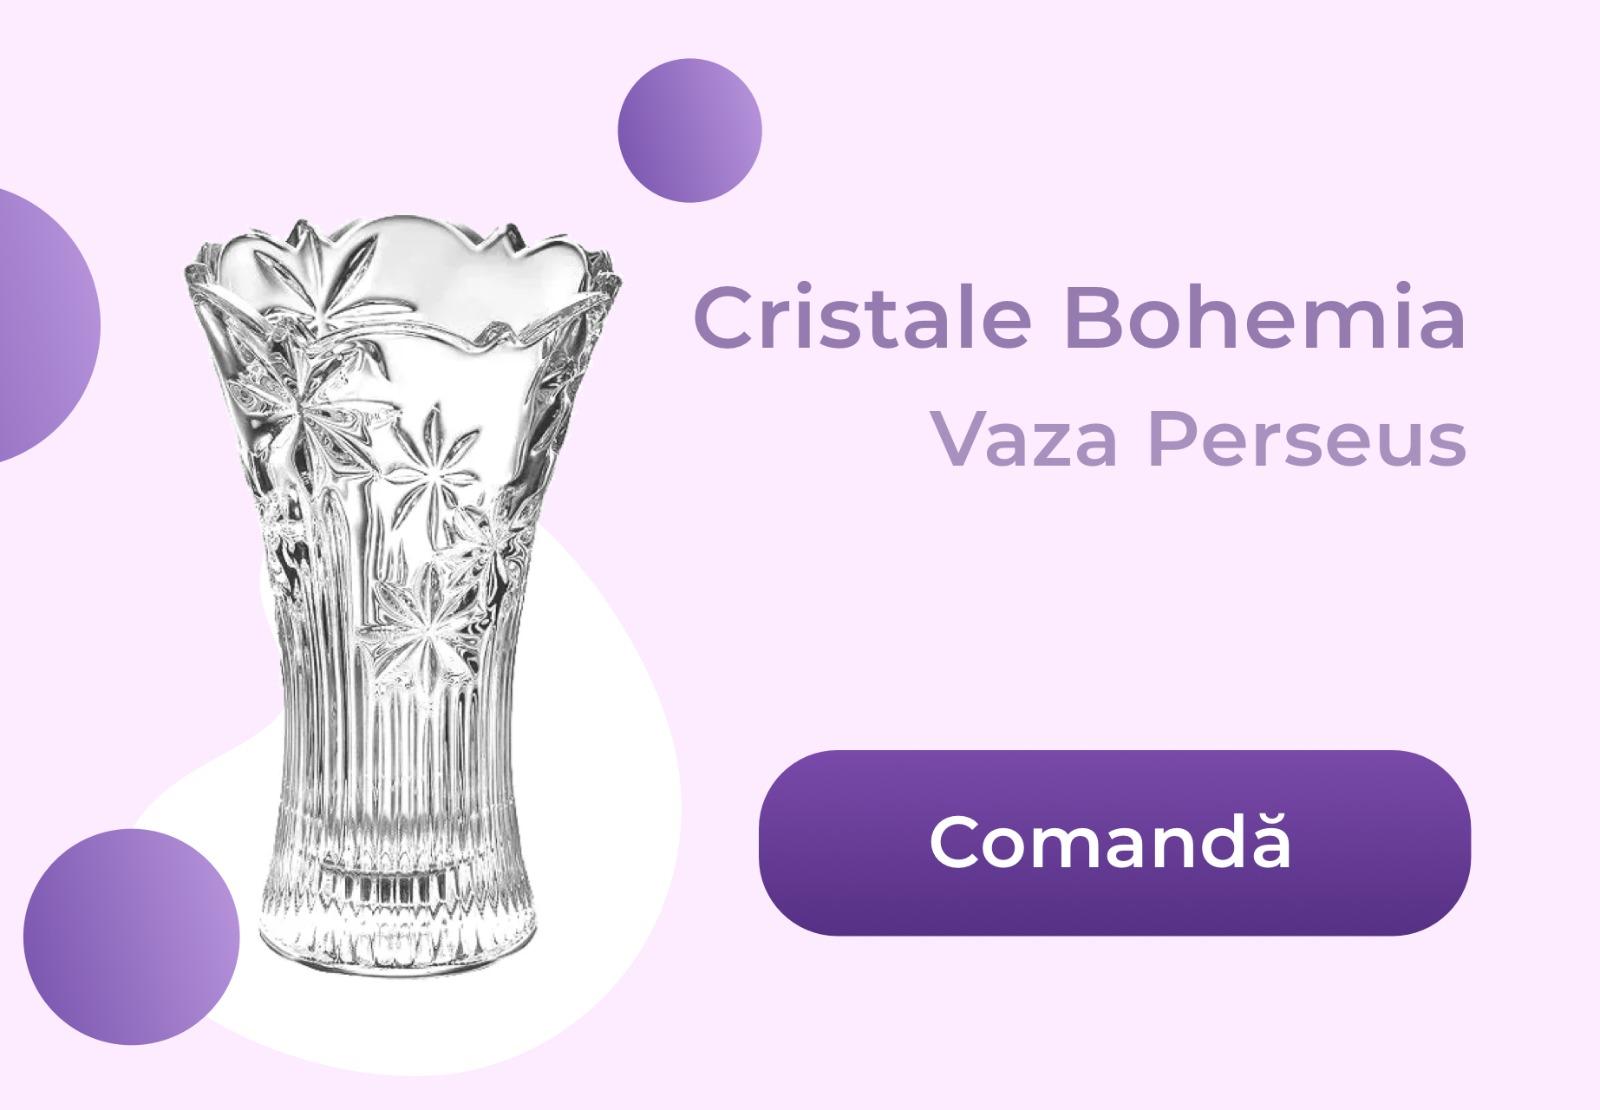 Cristal bohemia